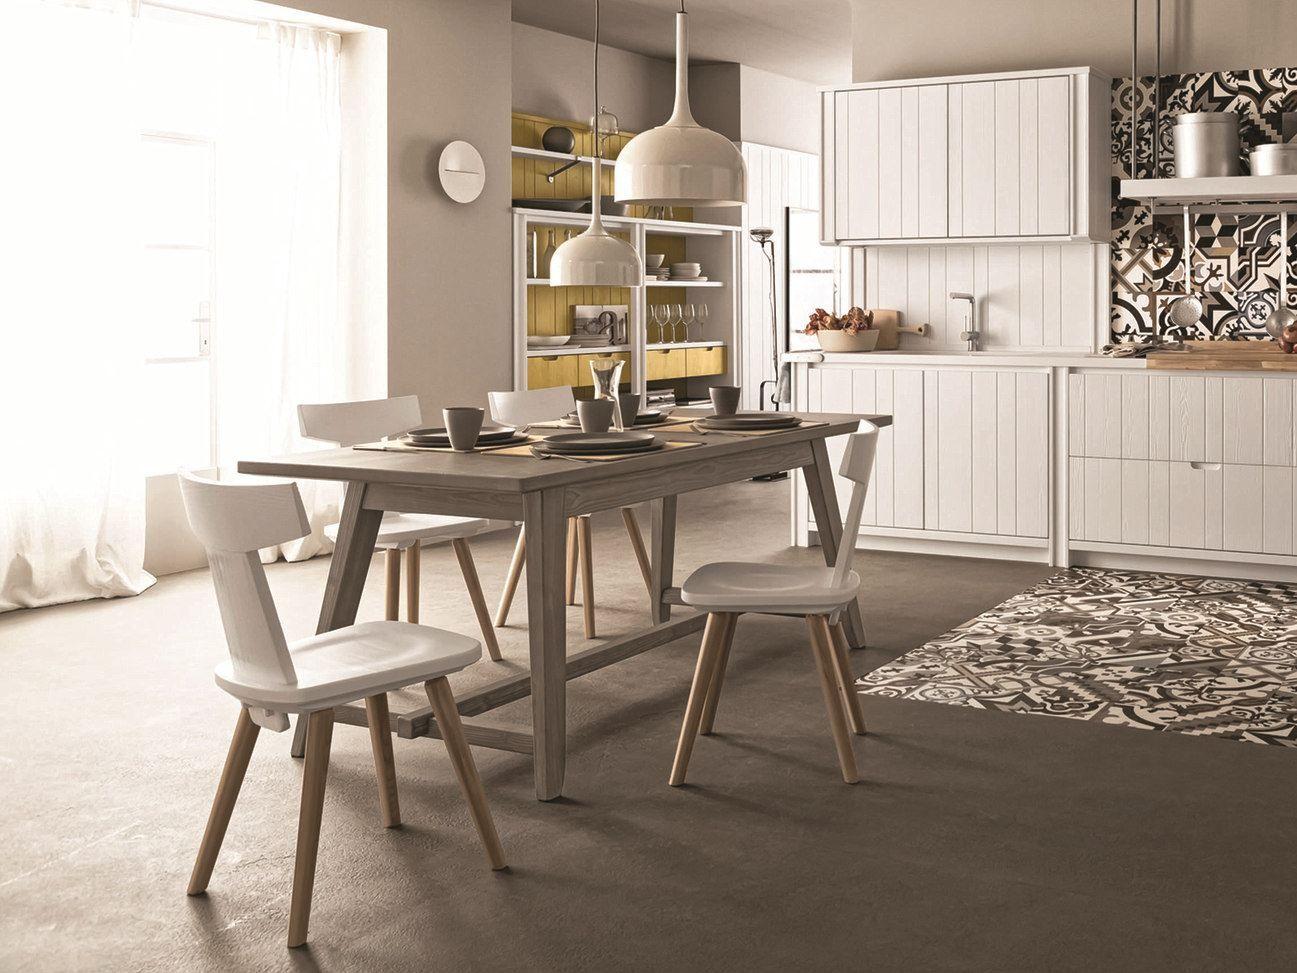 Maestrale tavolo rettangolare by scandola mobili for Scandola mobili